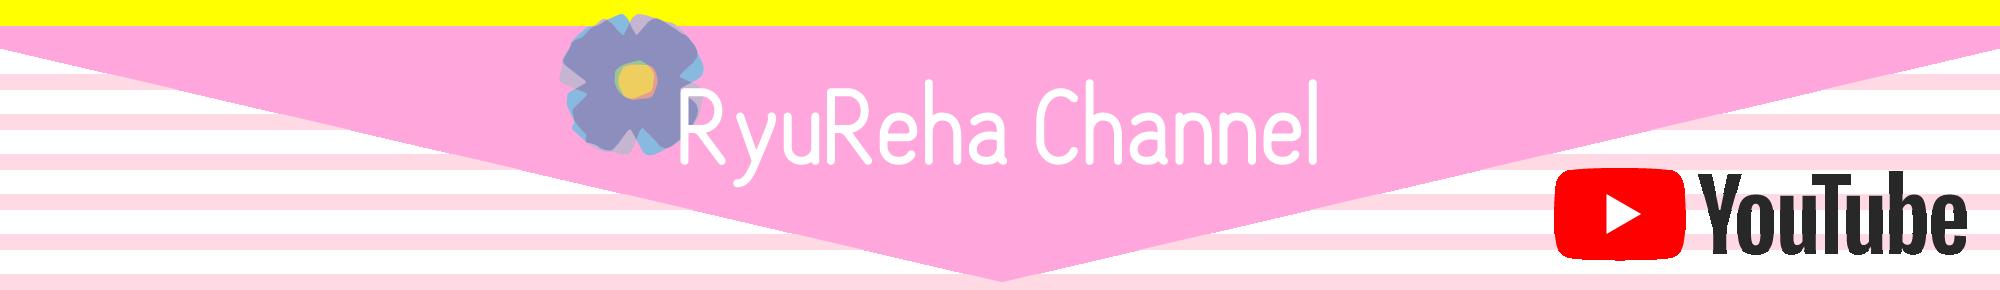 RyuReha Channel